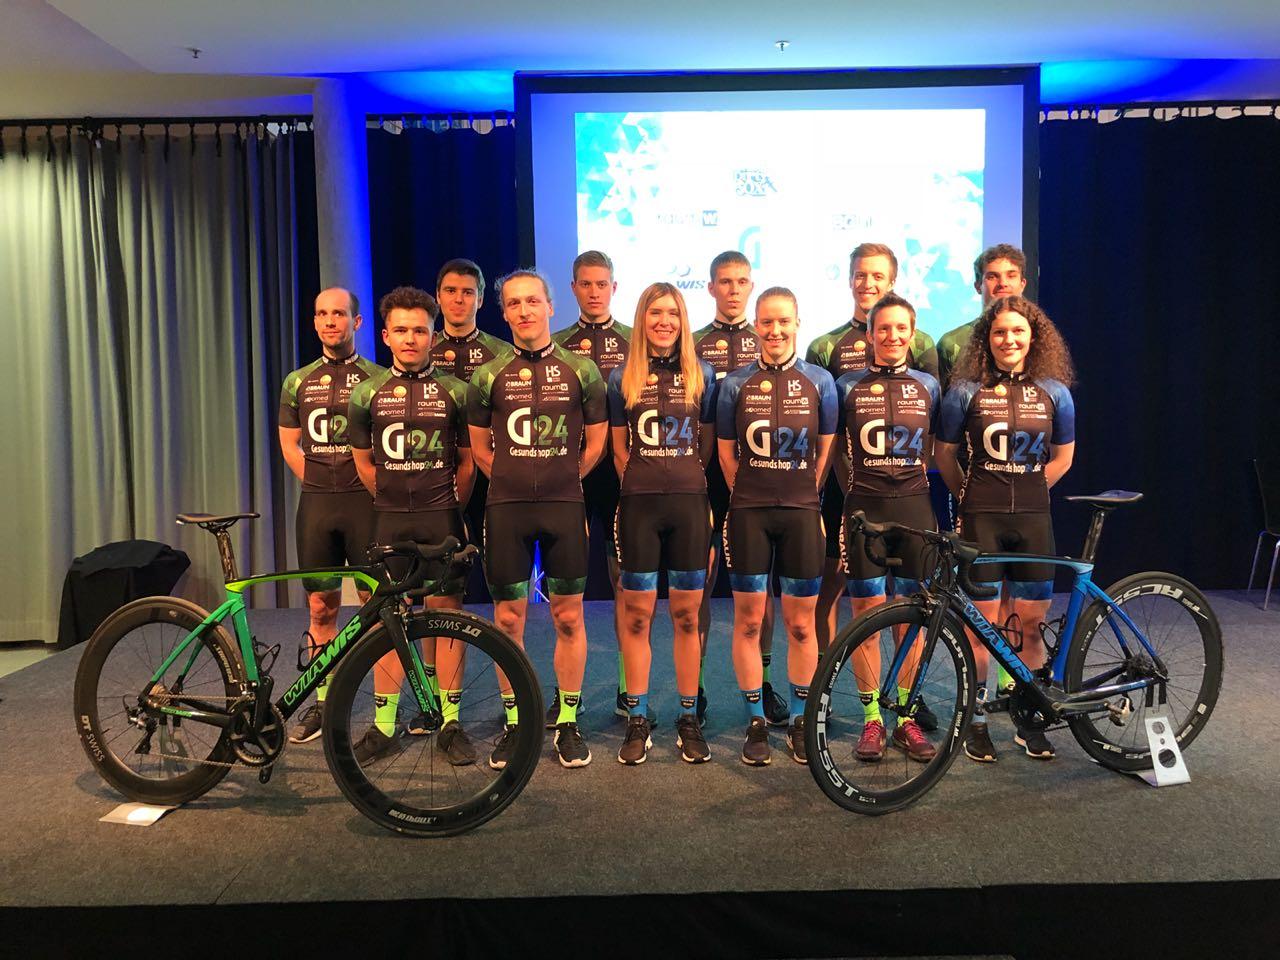 Team Gesundshop24